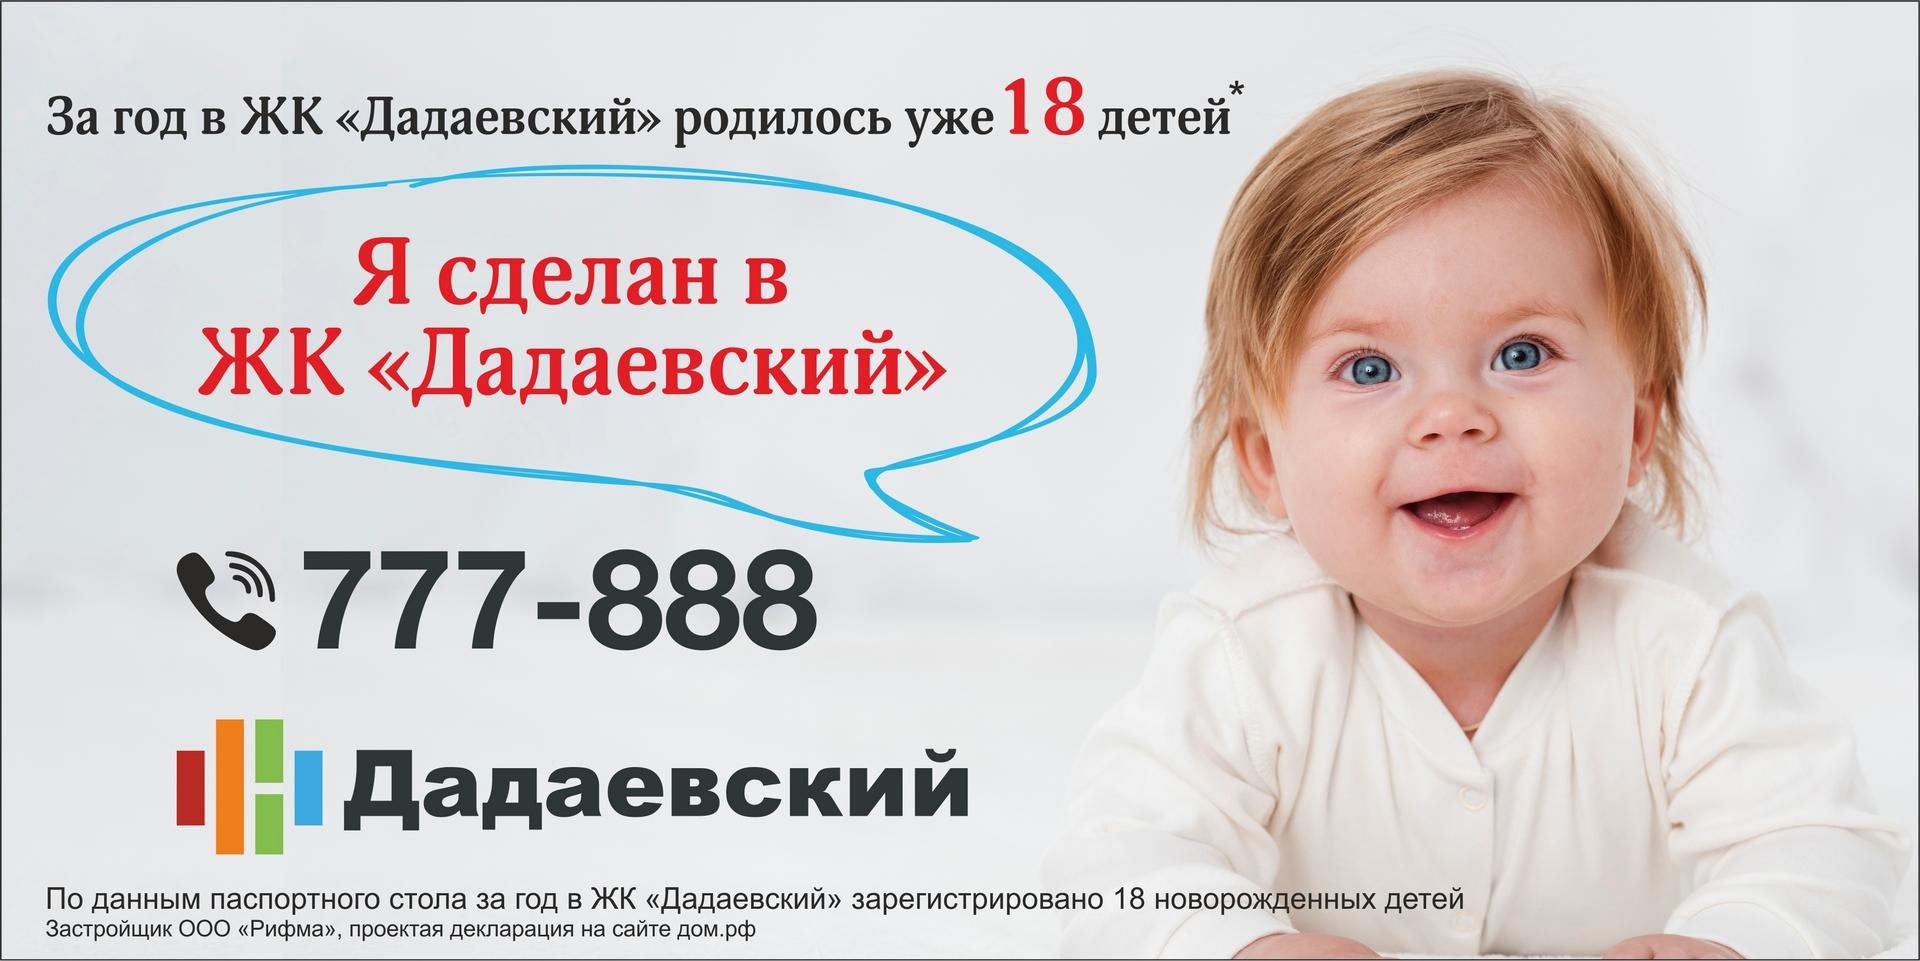 18 детей в ЖК Дадаевском